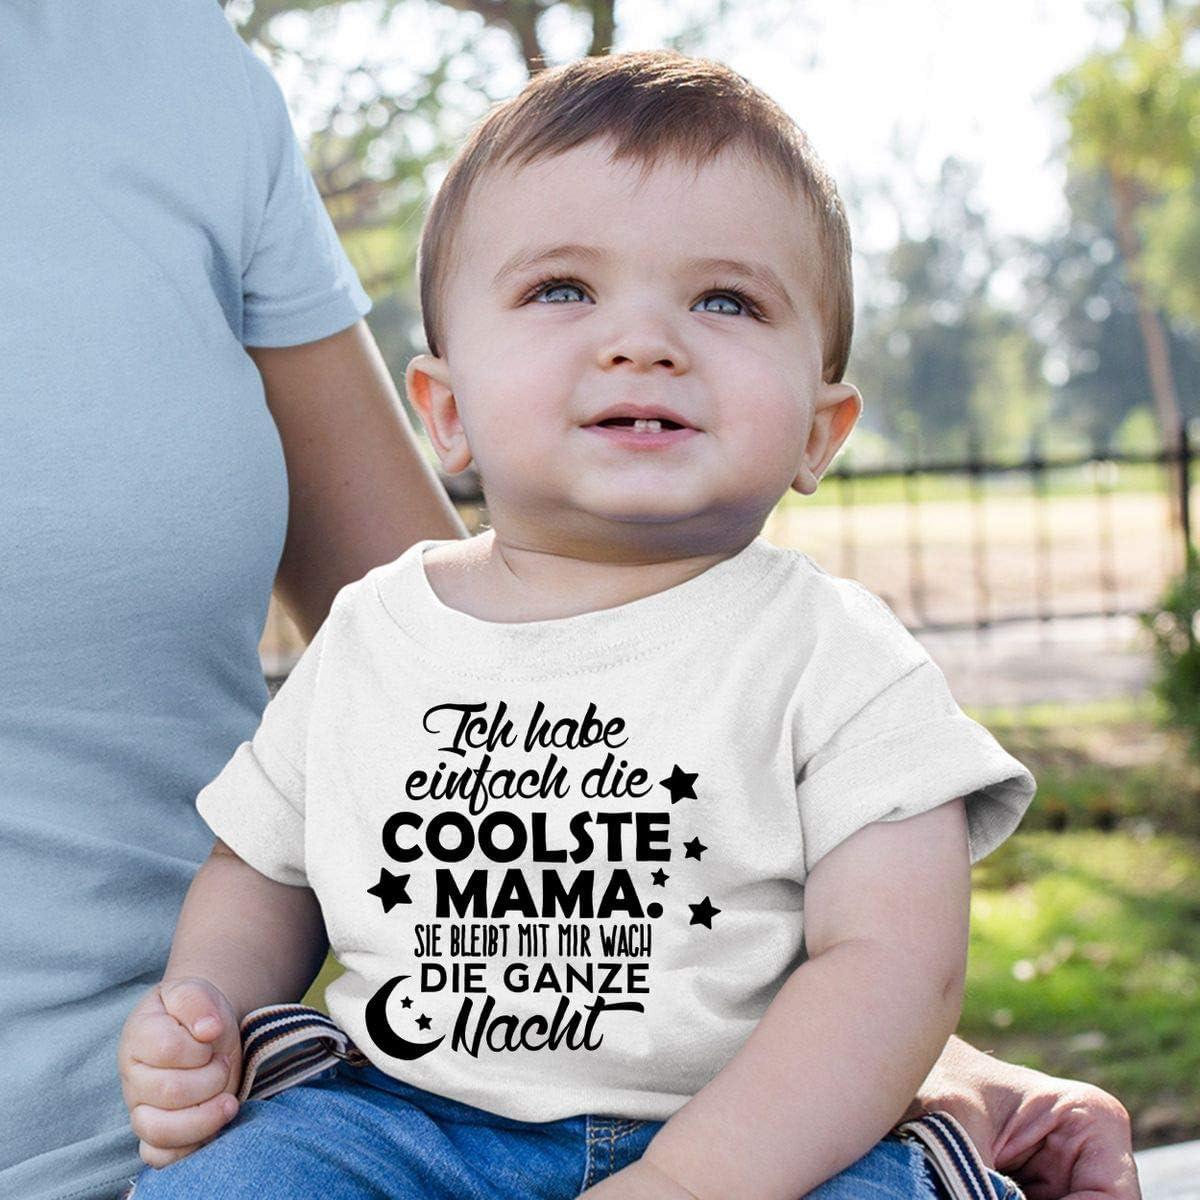 handbedruckt in Deutschland Mikalino Baby//Kinder T-Shirt mit Spruch f/ür Jungen M/ädchen Unisex Kurzarm Ich Habe einfach die coolste Mama Handmade with Love